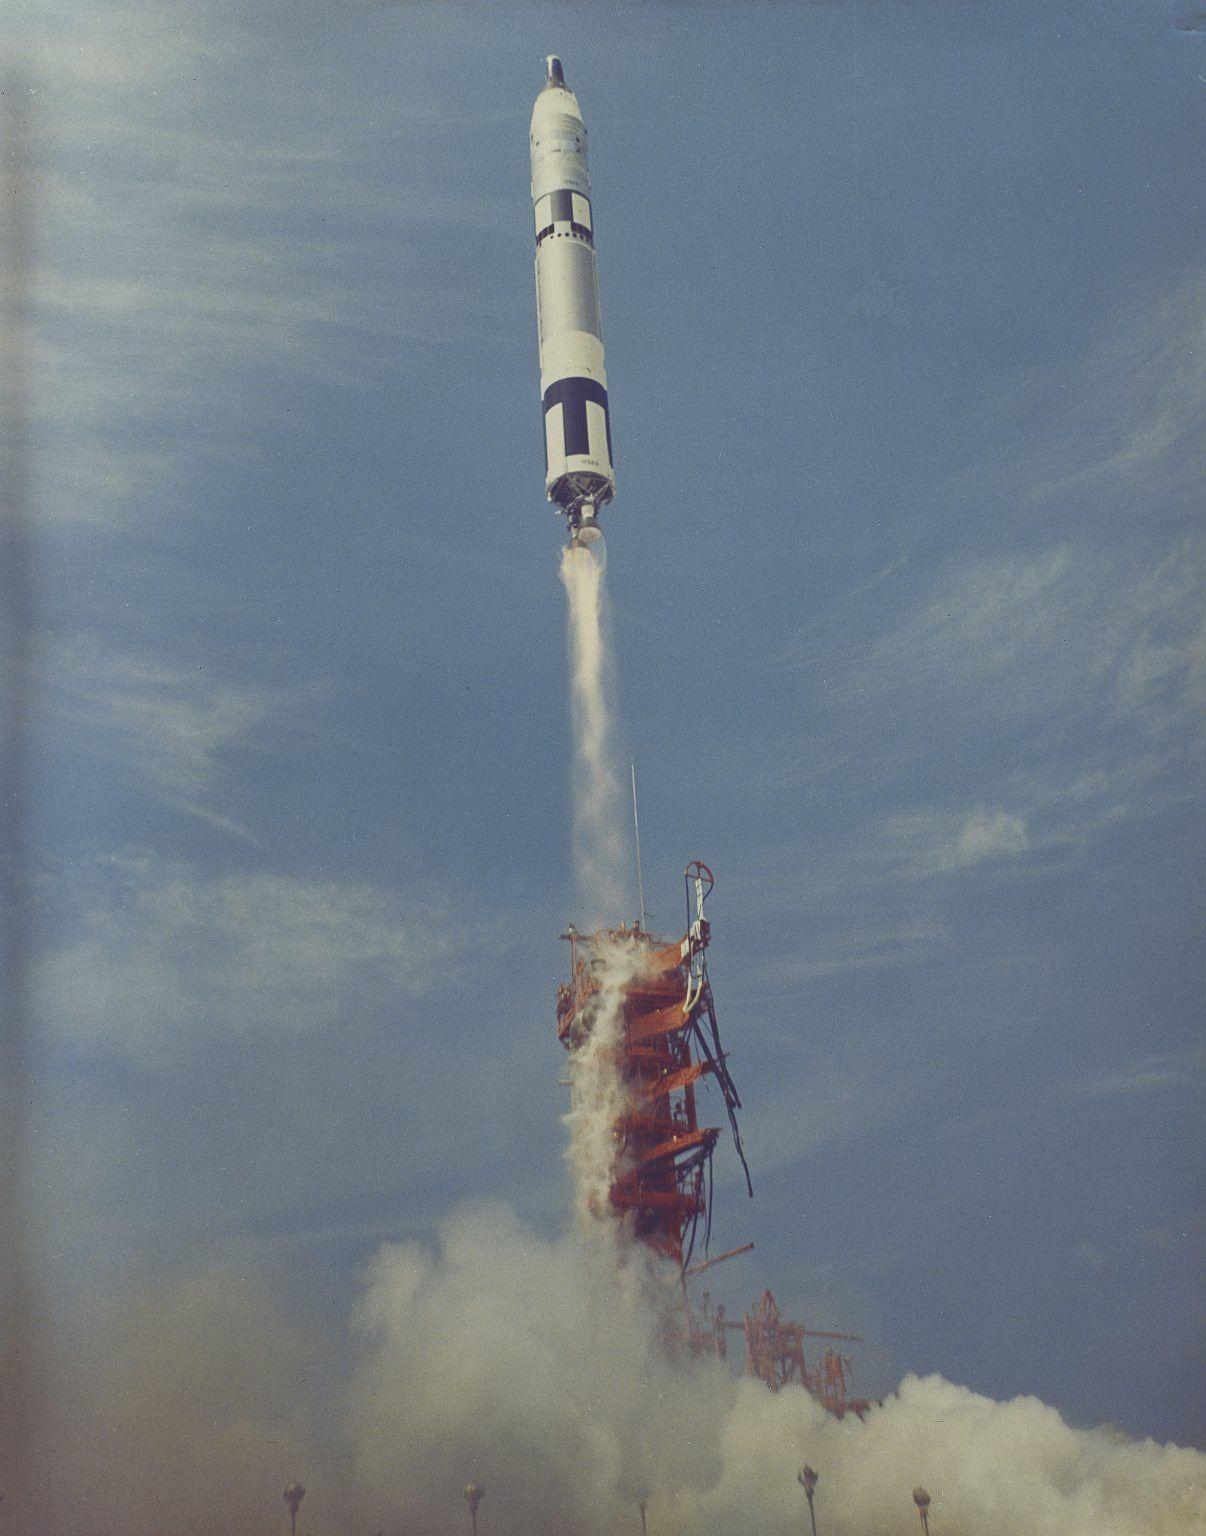 Gemini 8 launch